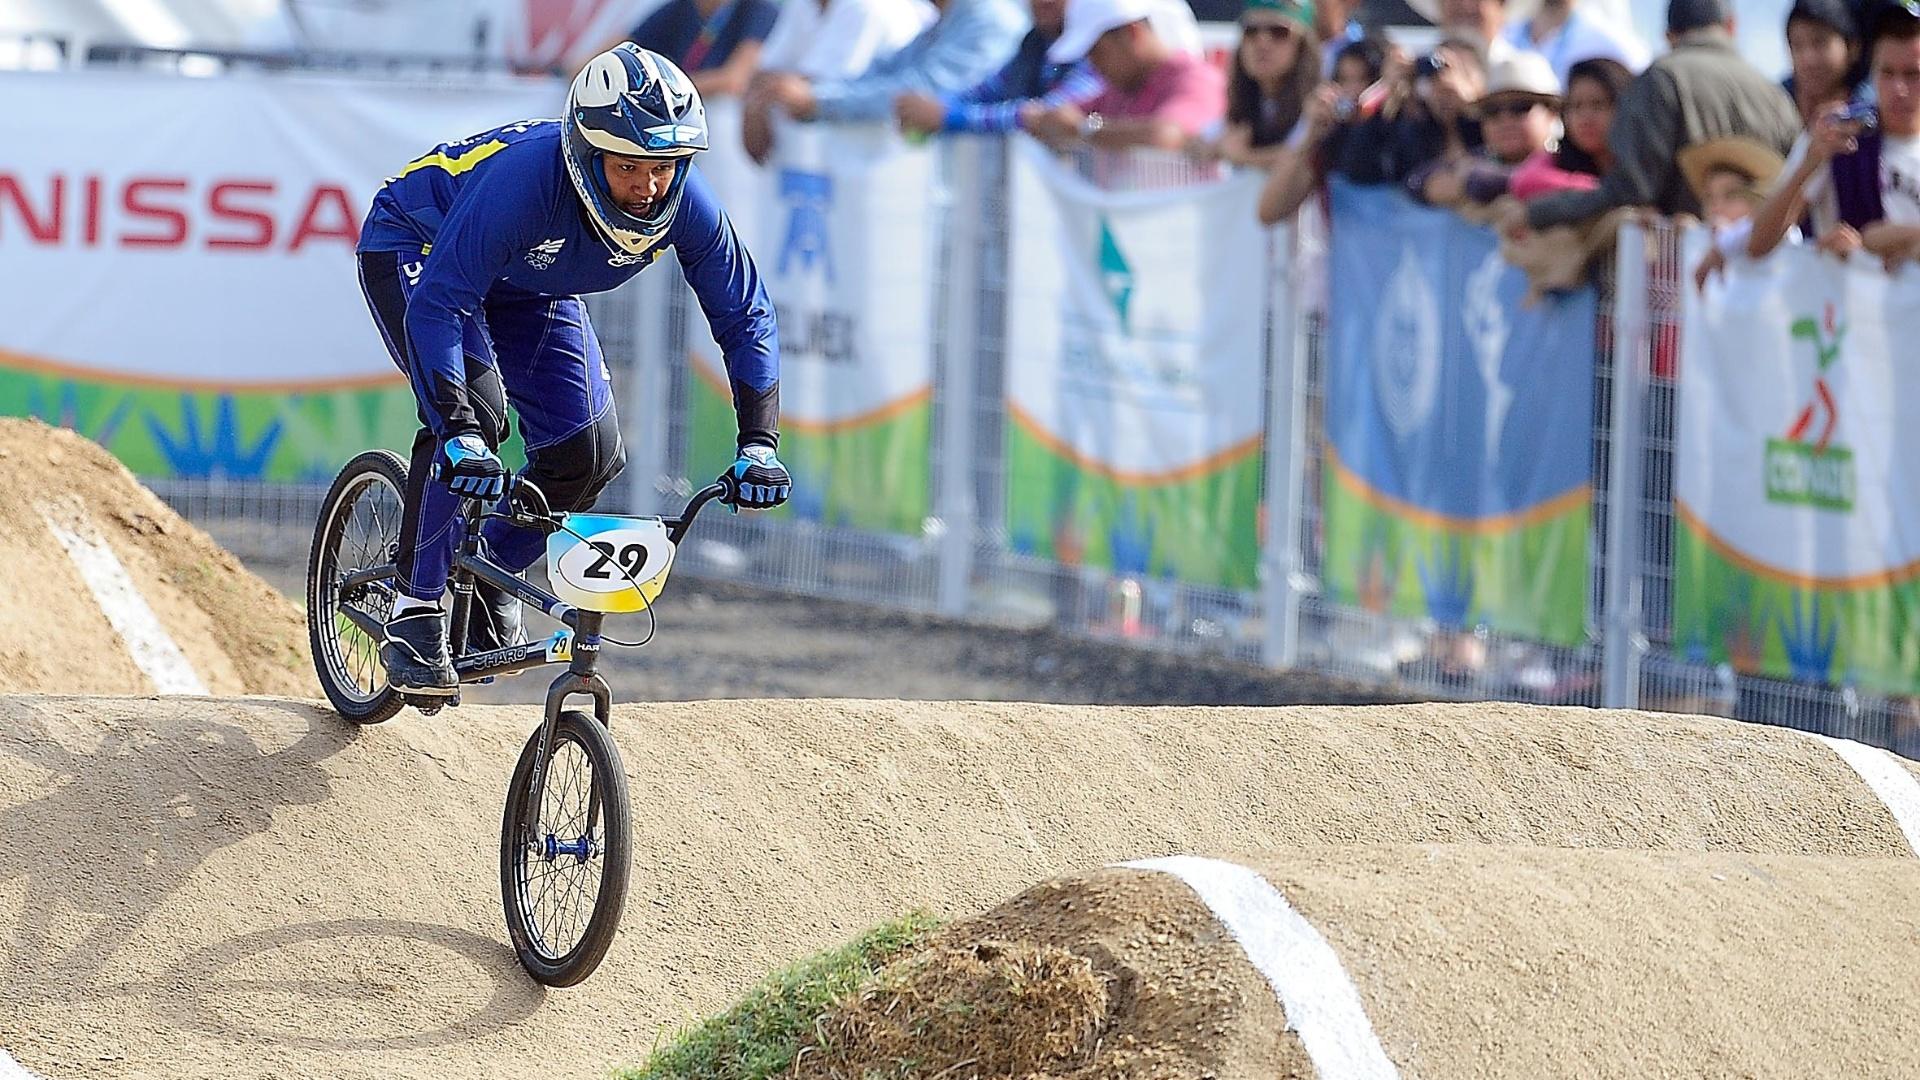 Naiara Silva disputou a final do BMX e terminou na 6ª colocação, com o tempo de 47s94 (21/10/2011)